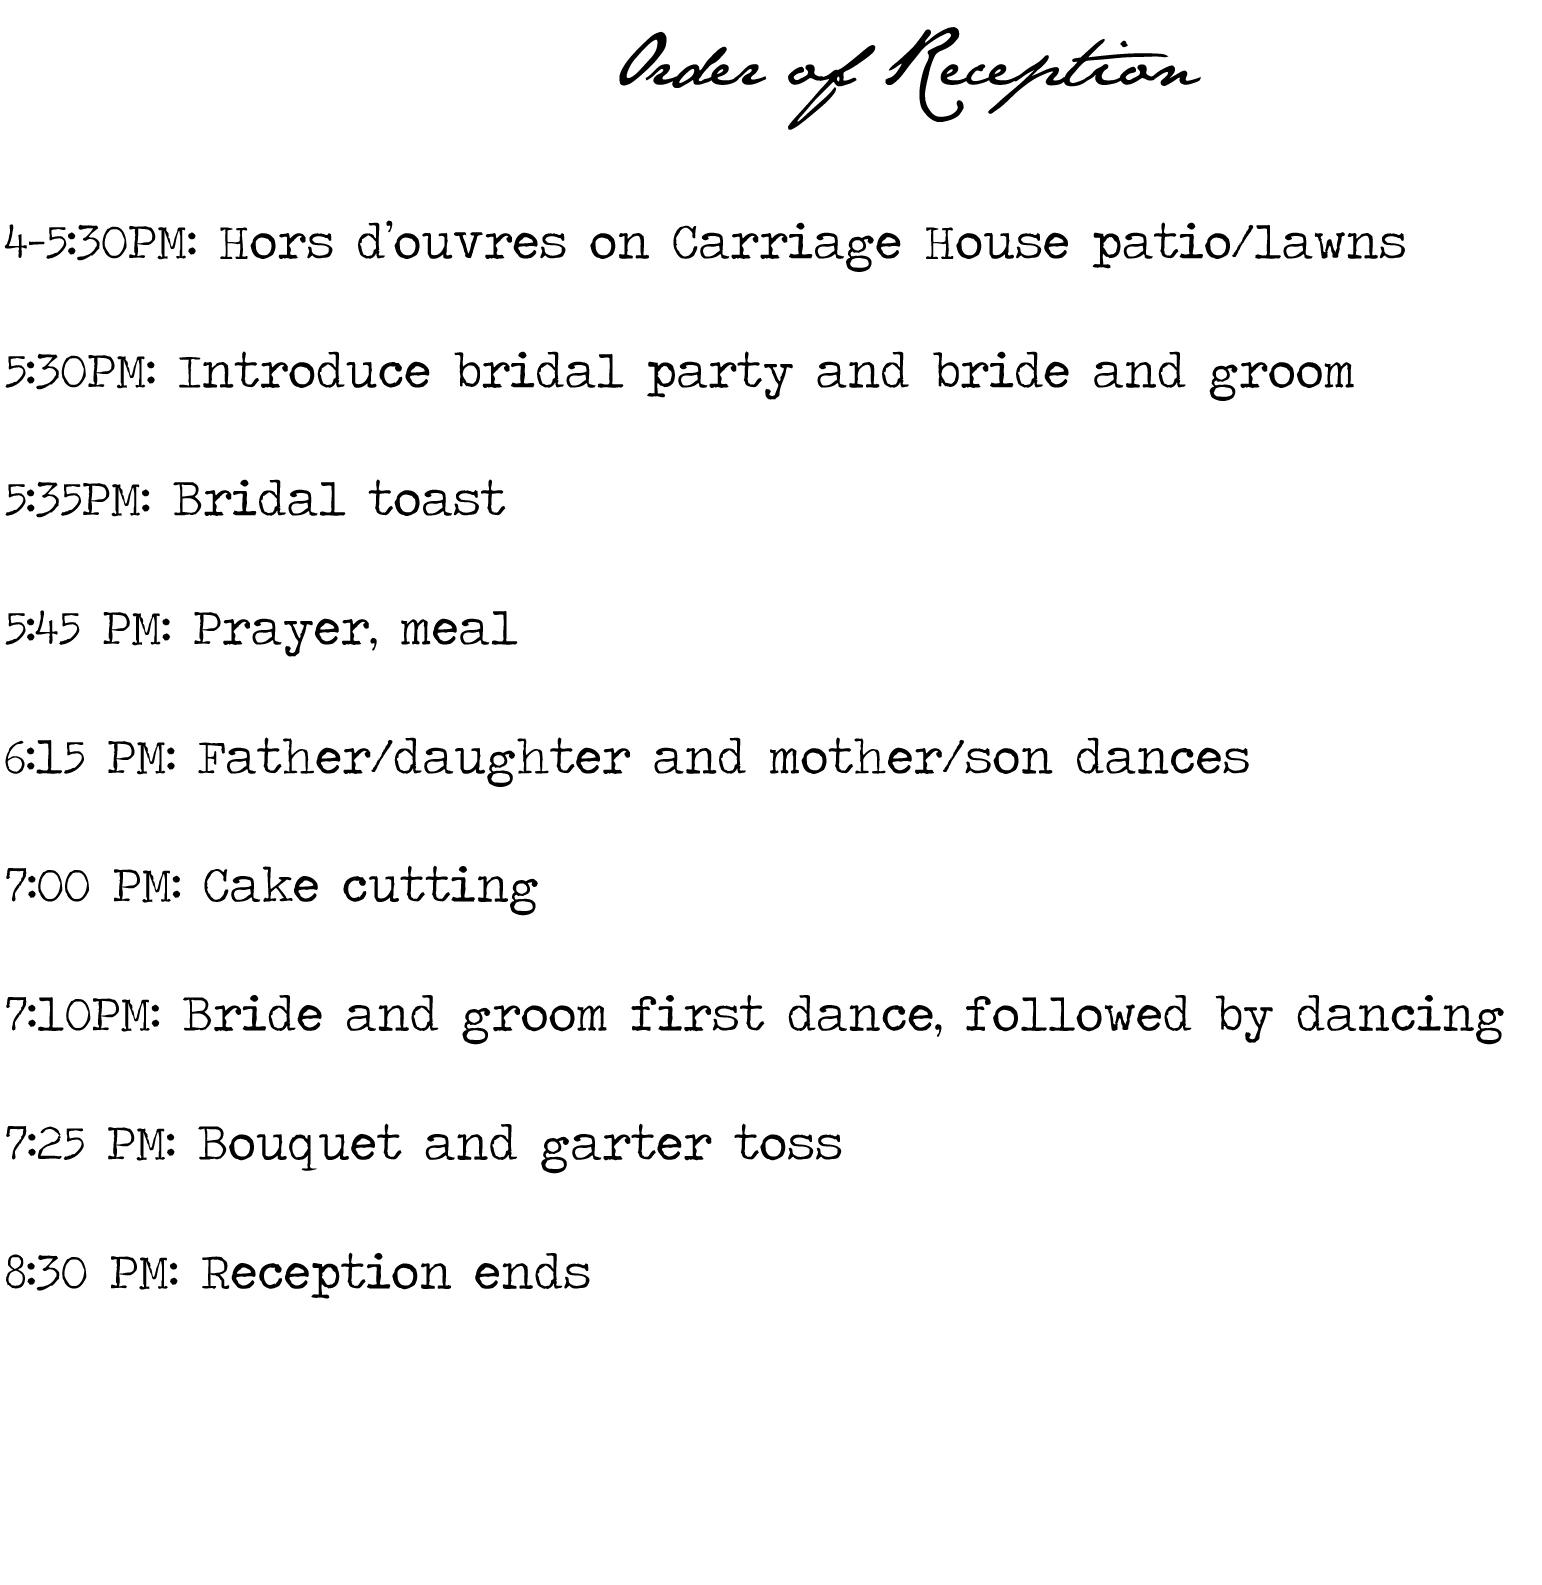 wedding program reception timeline filesxtra. Black Bedroom Furniture Sets. Home Design Ideas